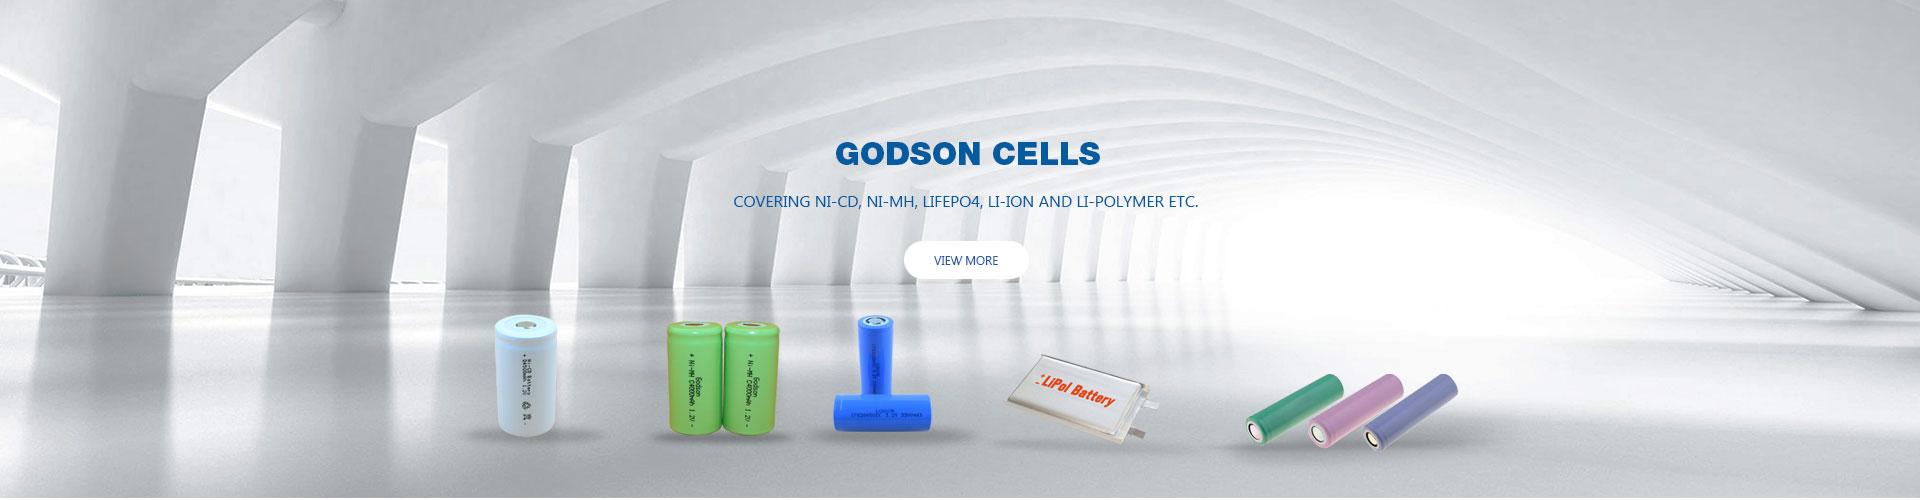 Godson Cells